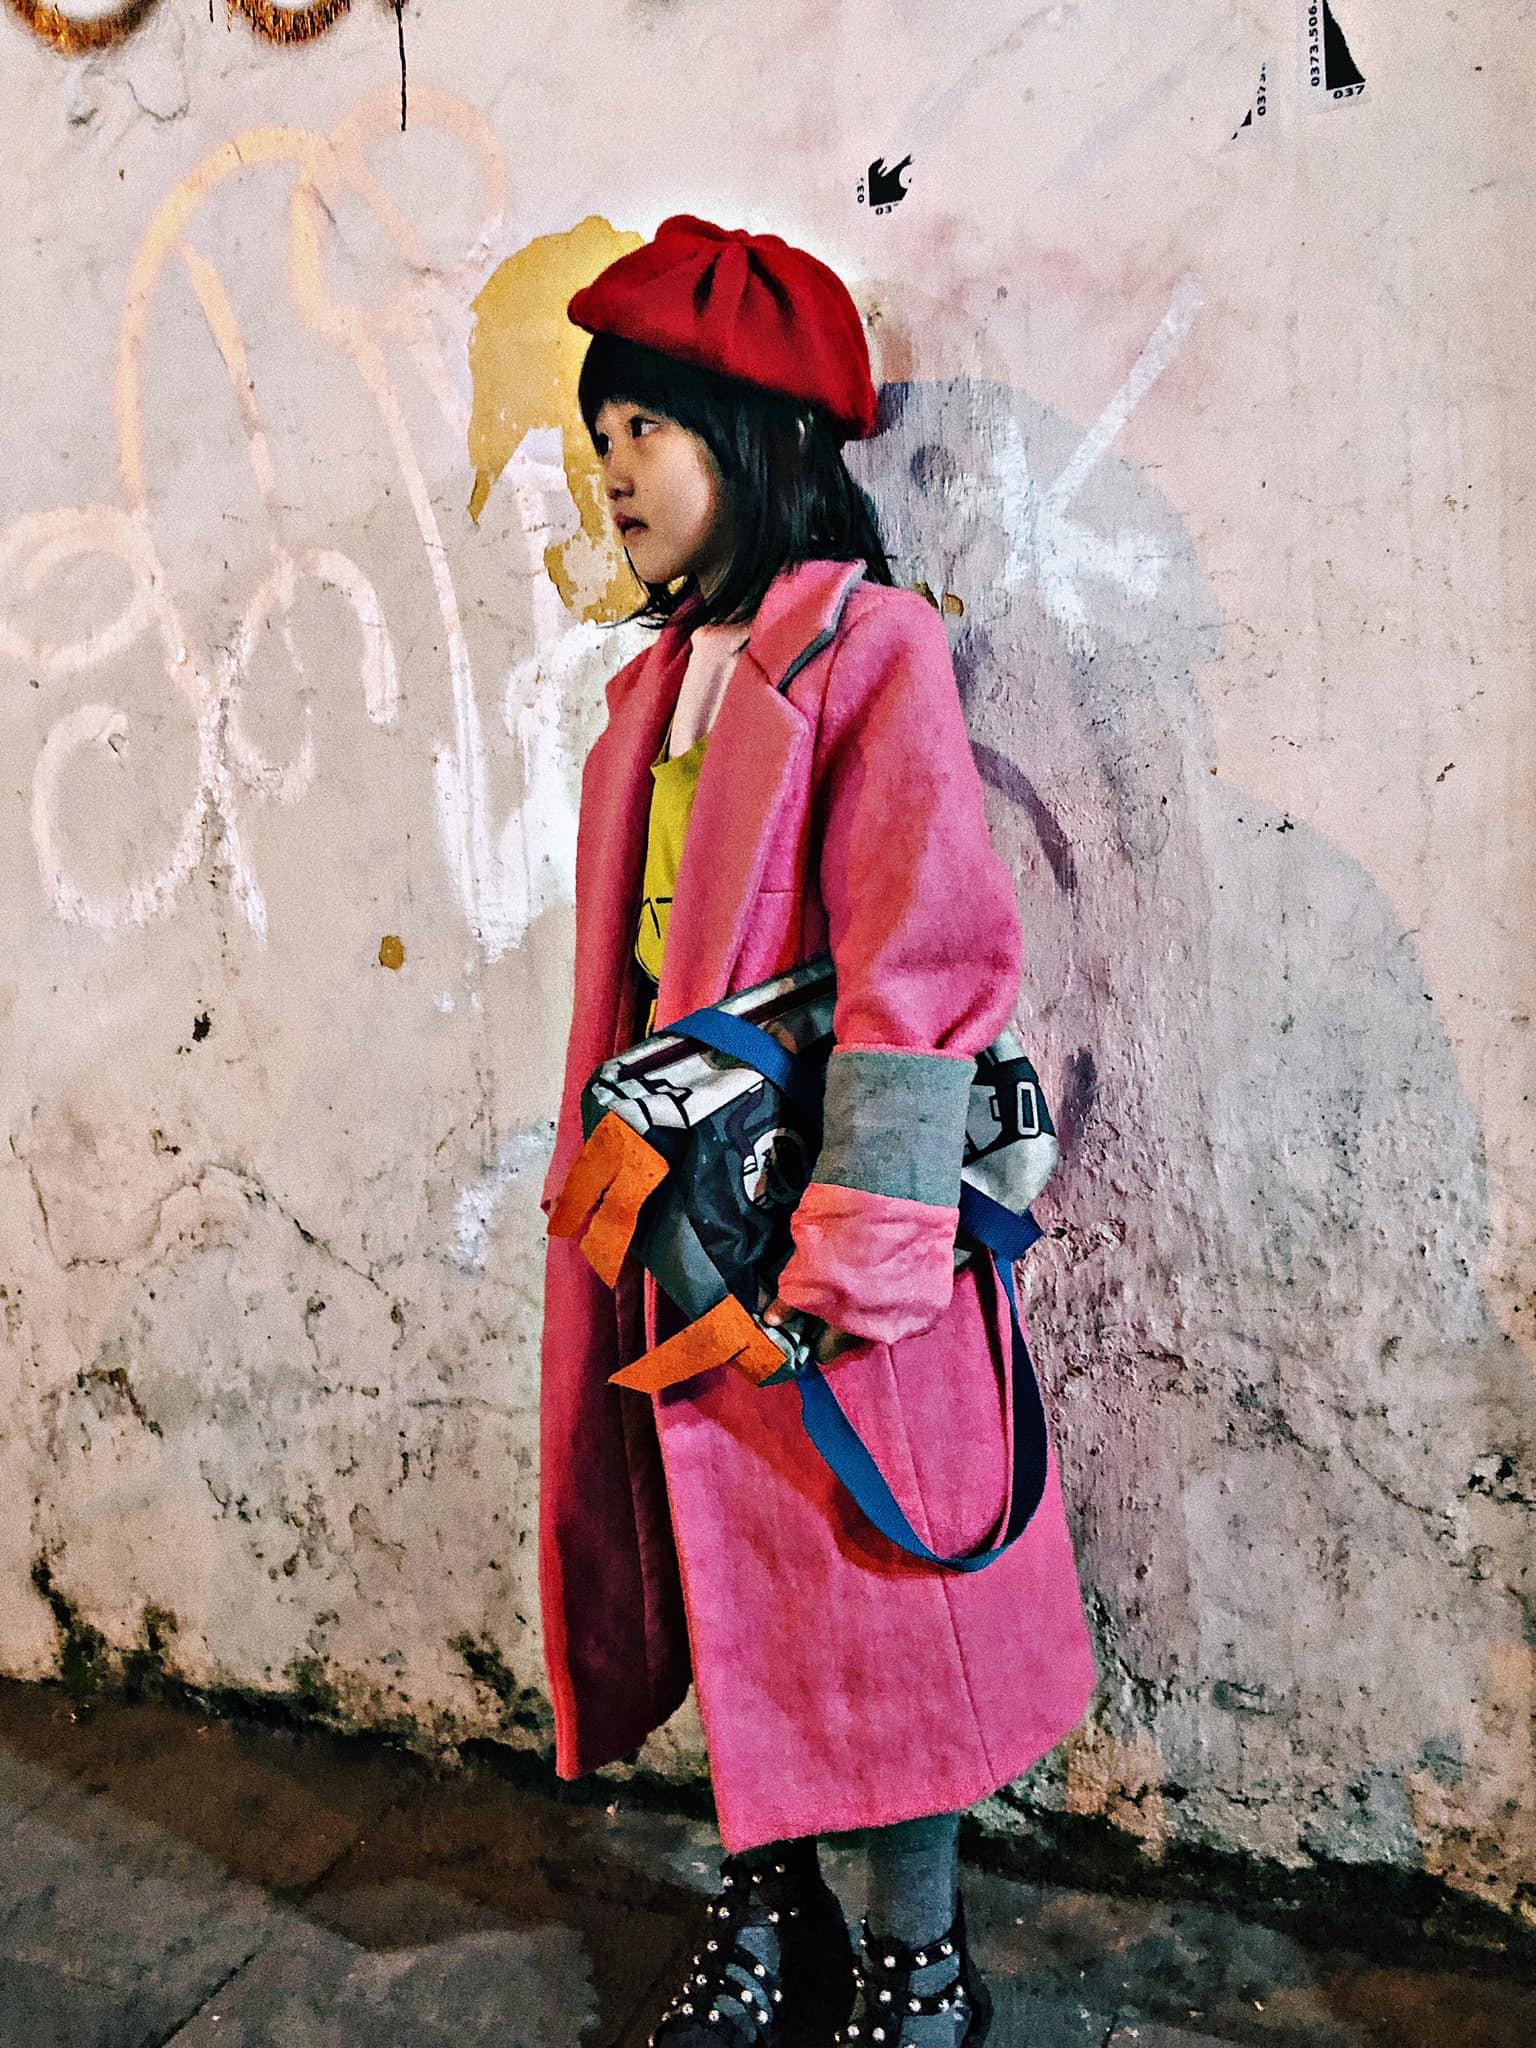 Cô bé vô gia cư 6 tuổi ở Hà Nội gây chú ý với thần thái cùng cách phối quần áo cũ cực chất-4